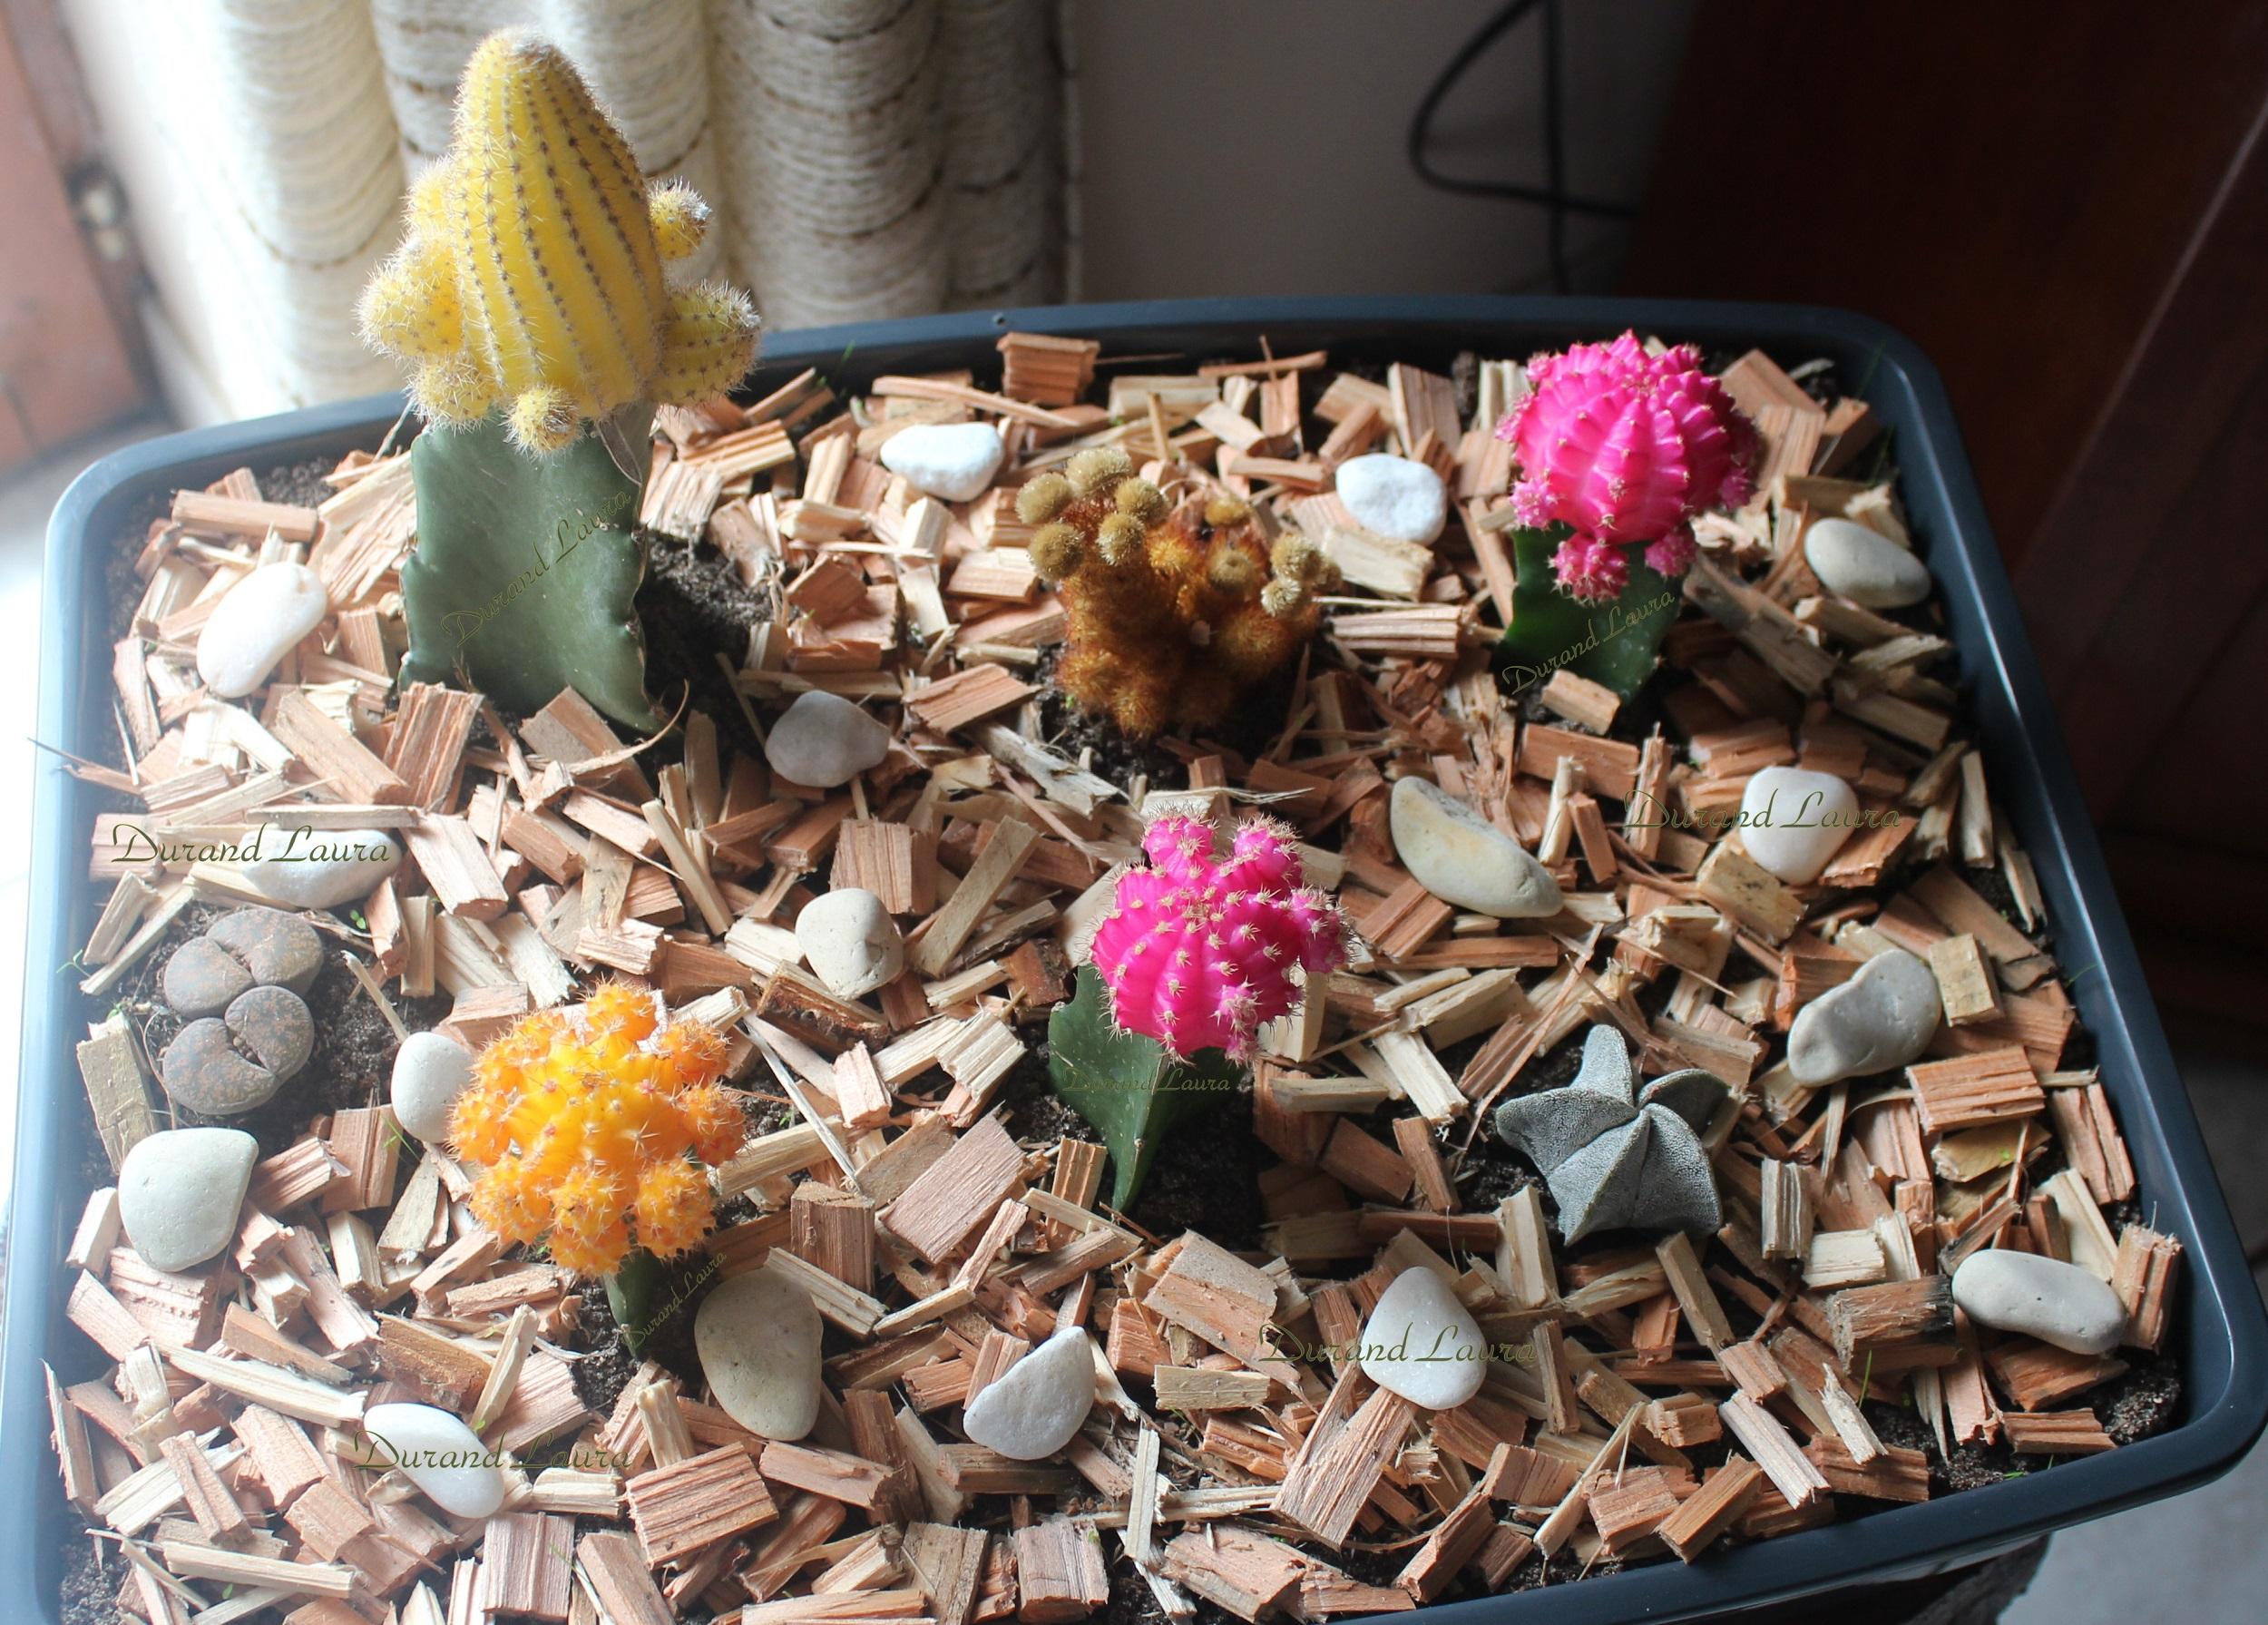 cactus greffés colorés - photos nature lydienaturegreen